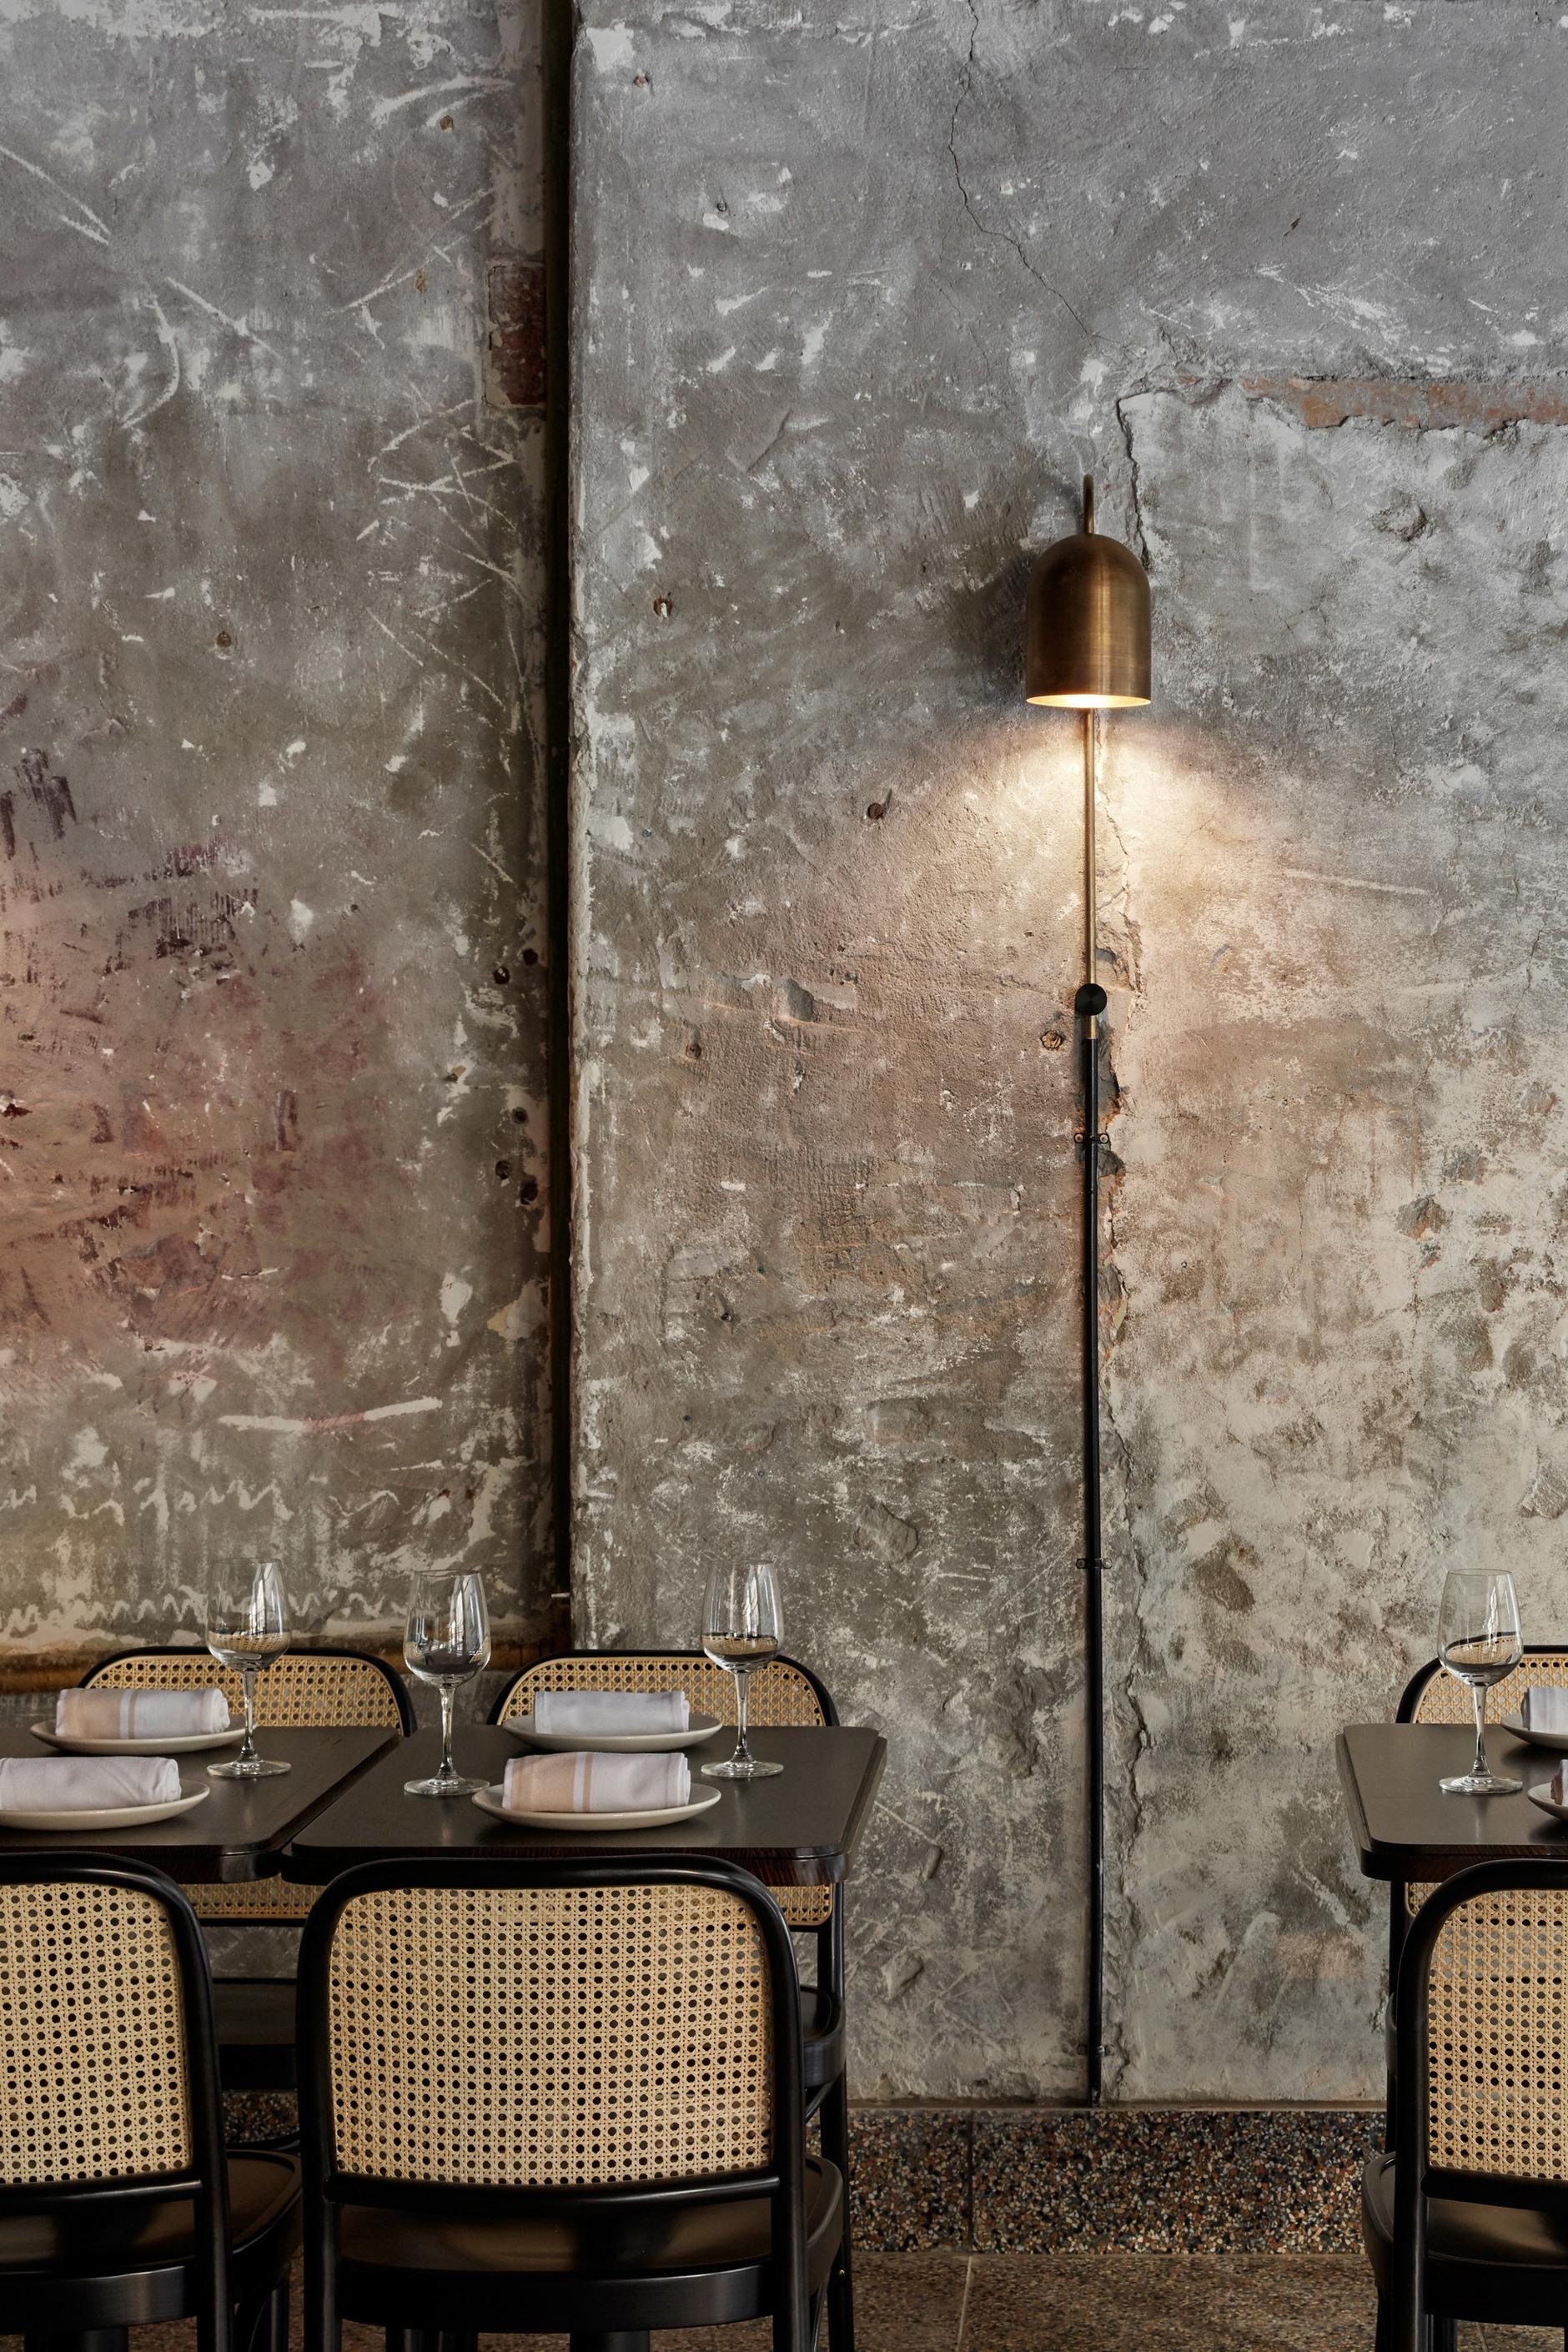 Розовый мрамор и потертый бетон: паста бар в Мельбурне (галерея 7, фото 1)